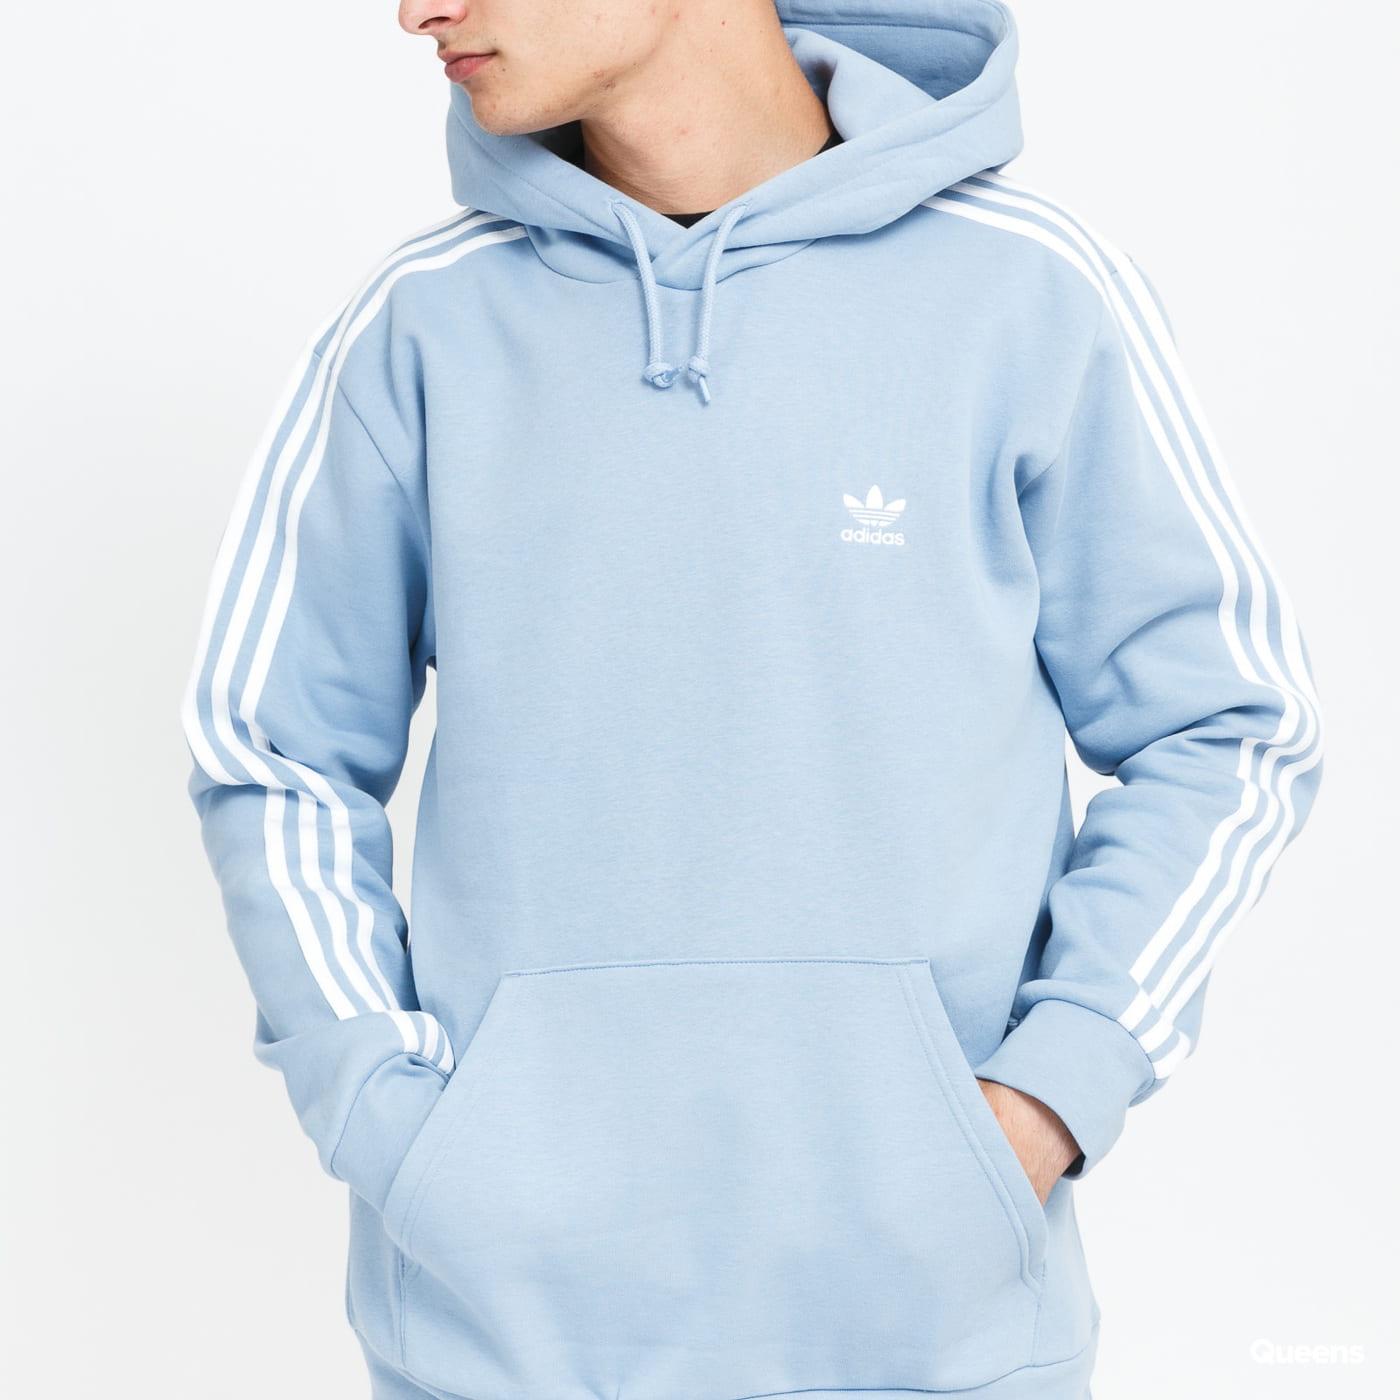 adidas Originals 3Stripes Hoody light blue